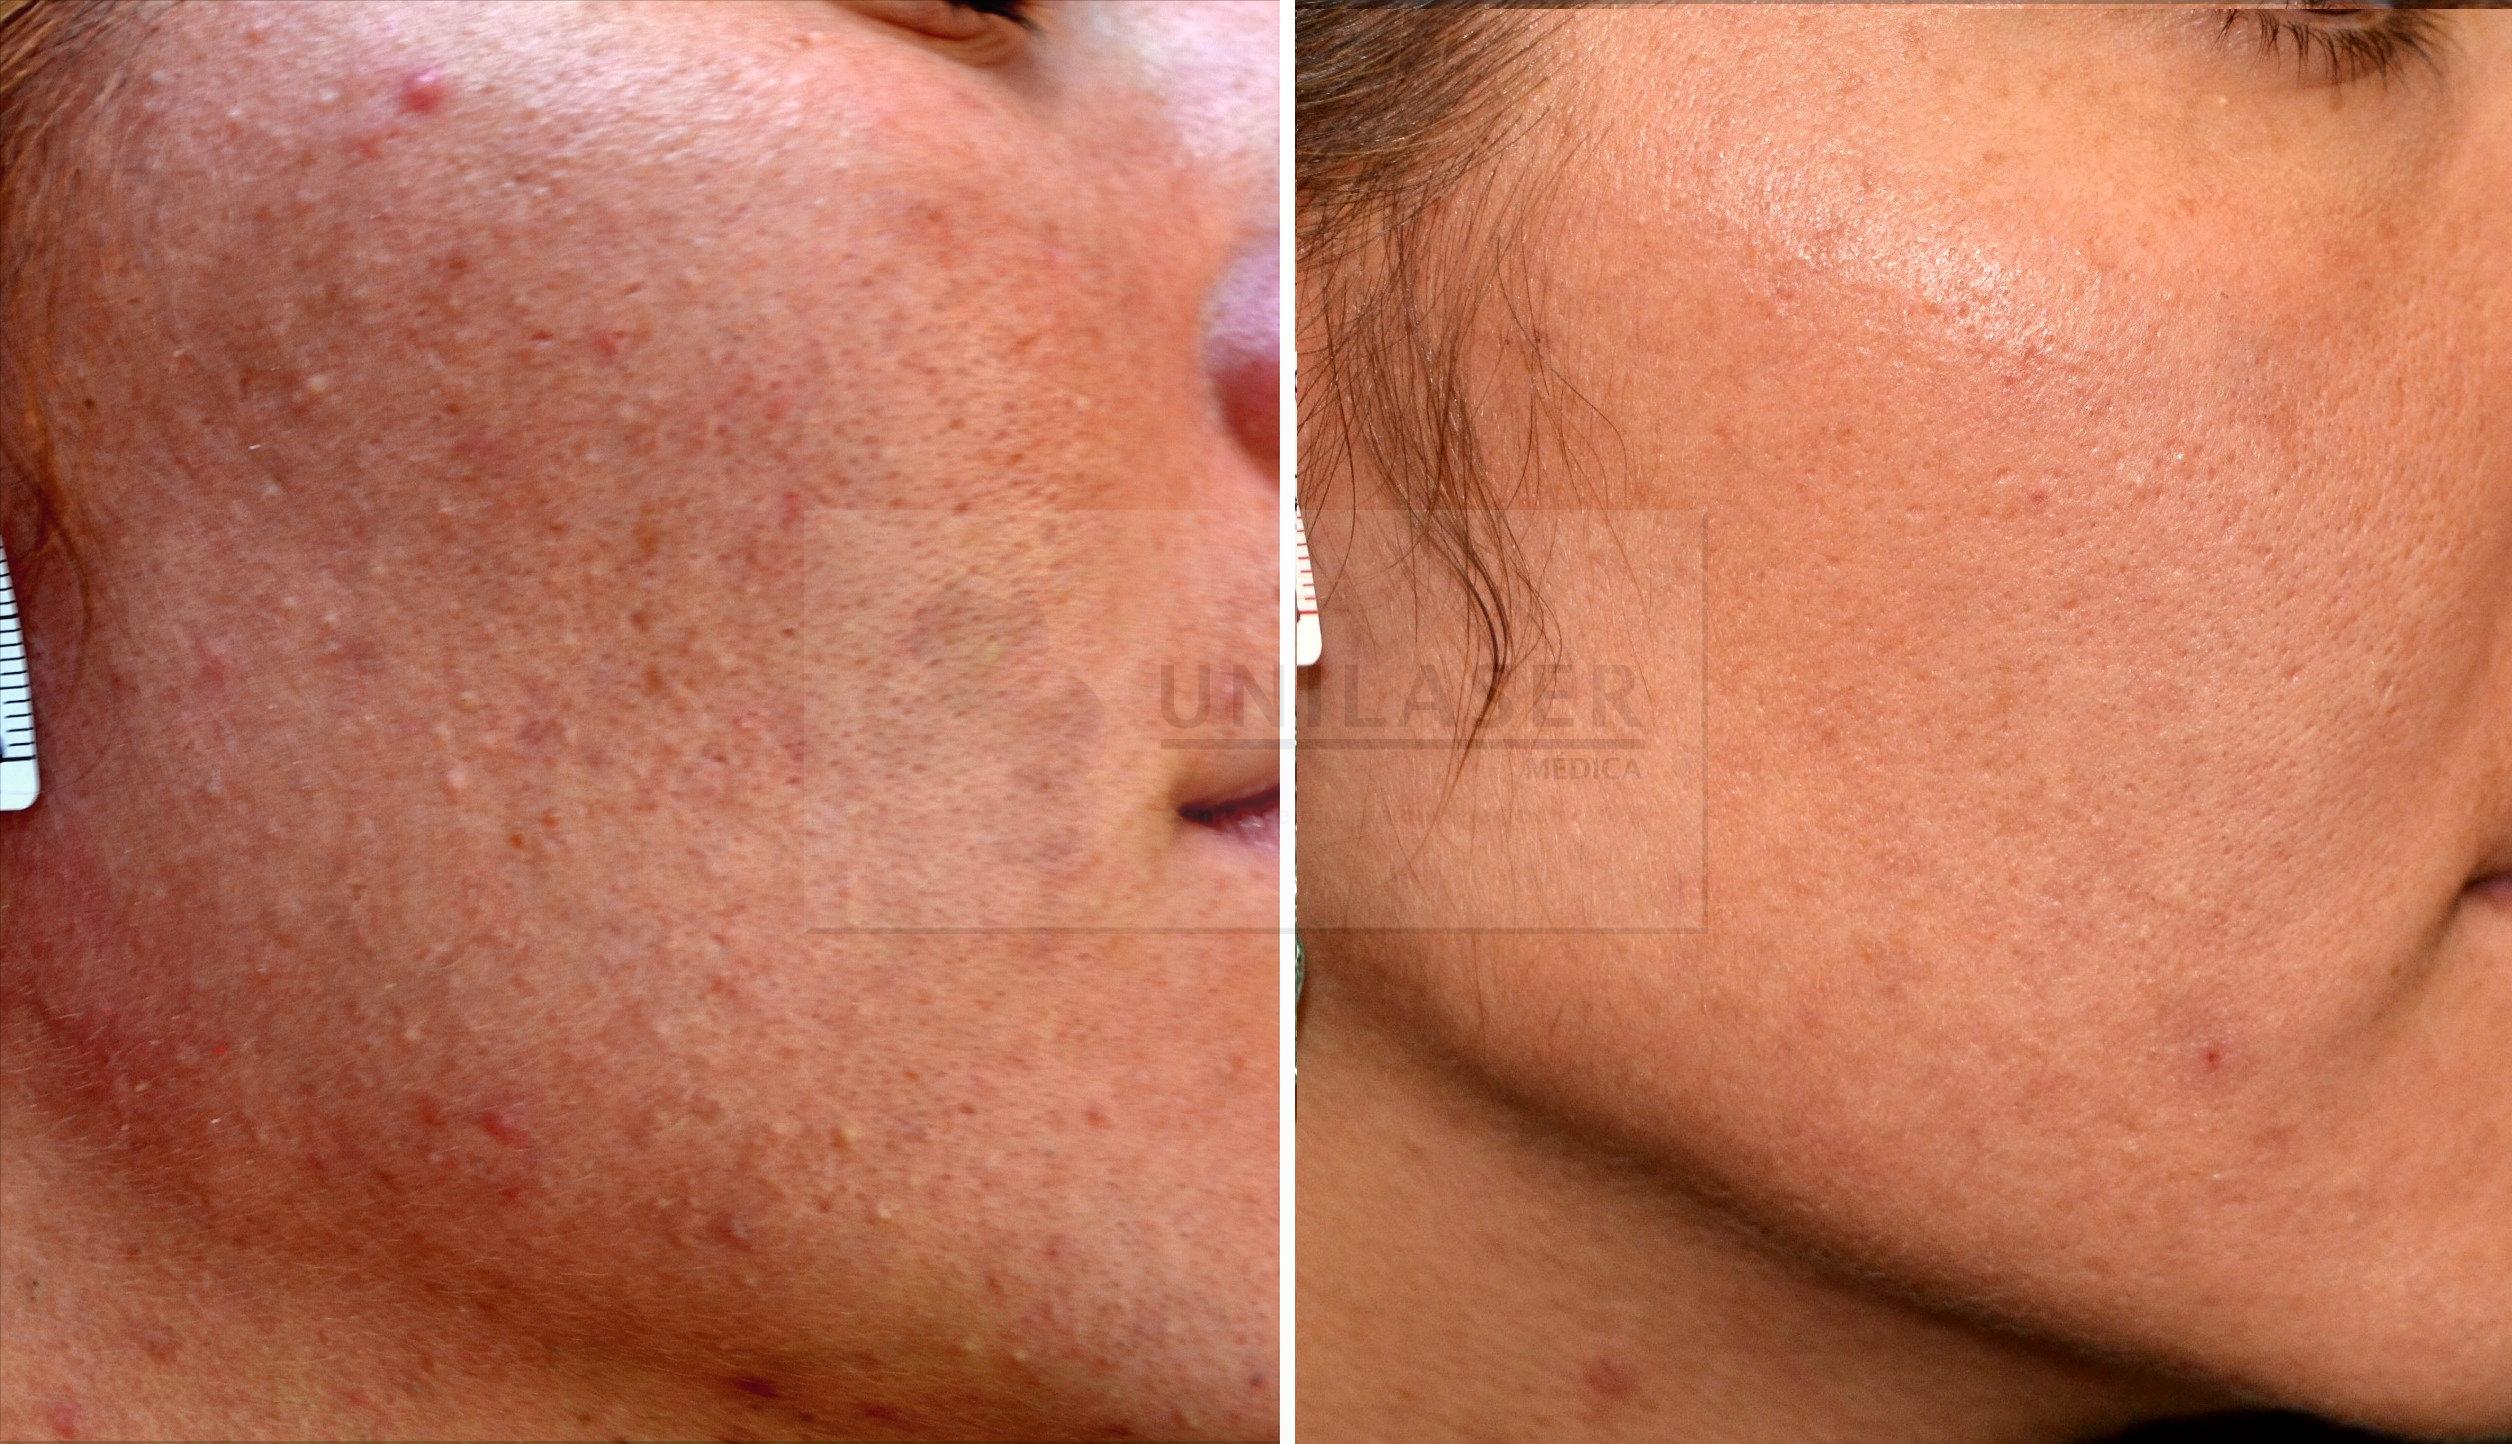 tratamiento del acné tipo comedoniano con láser